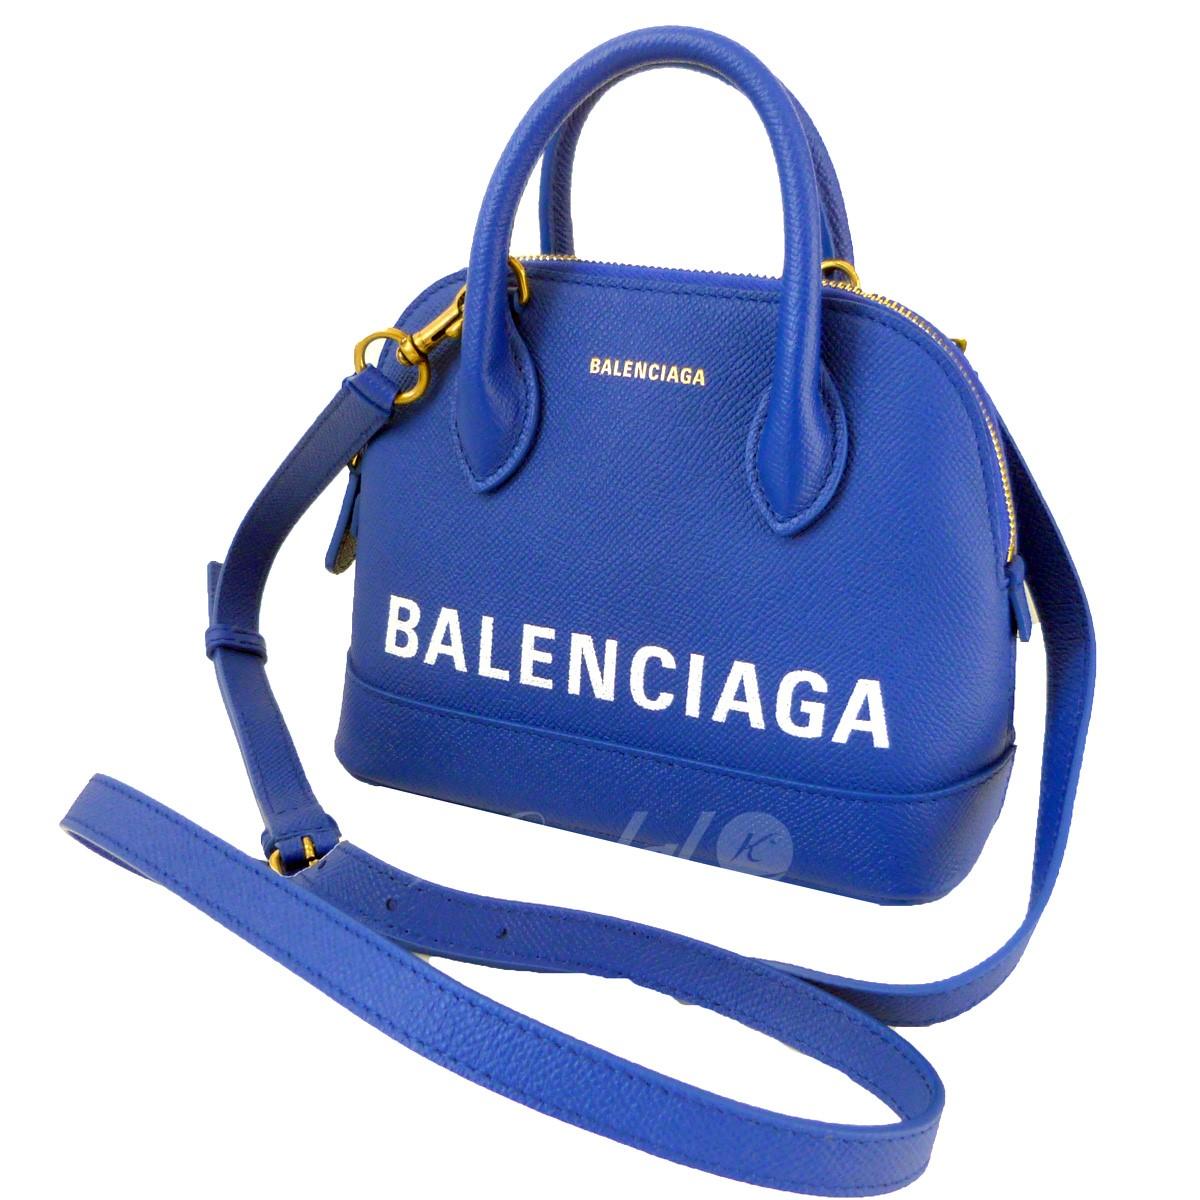 【中古】BALENCIAGA ビルトップハンドルバッグXXS ブルー 【送料無料】 【031118】(バレンシアガ)